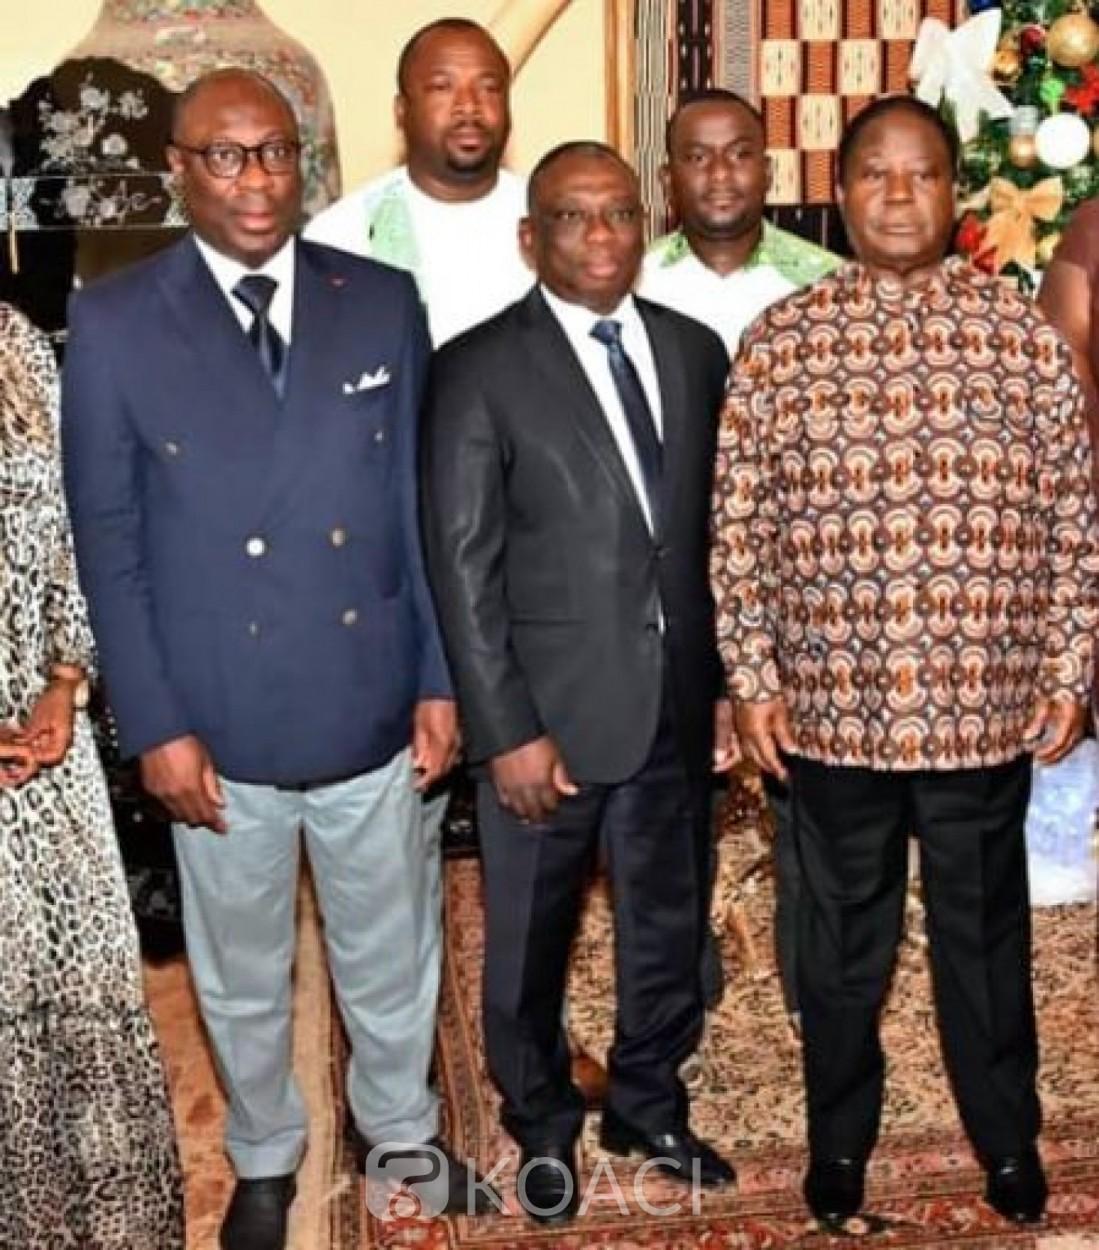 Côte d'Ivoire: Yao Kouamé Patrick du PDCI de retour au pays après 9 ans d'exil